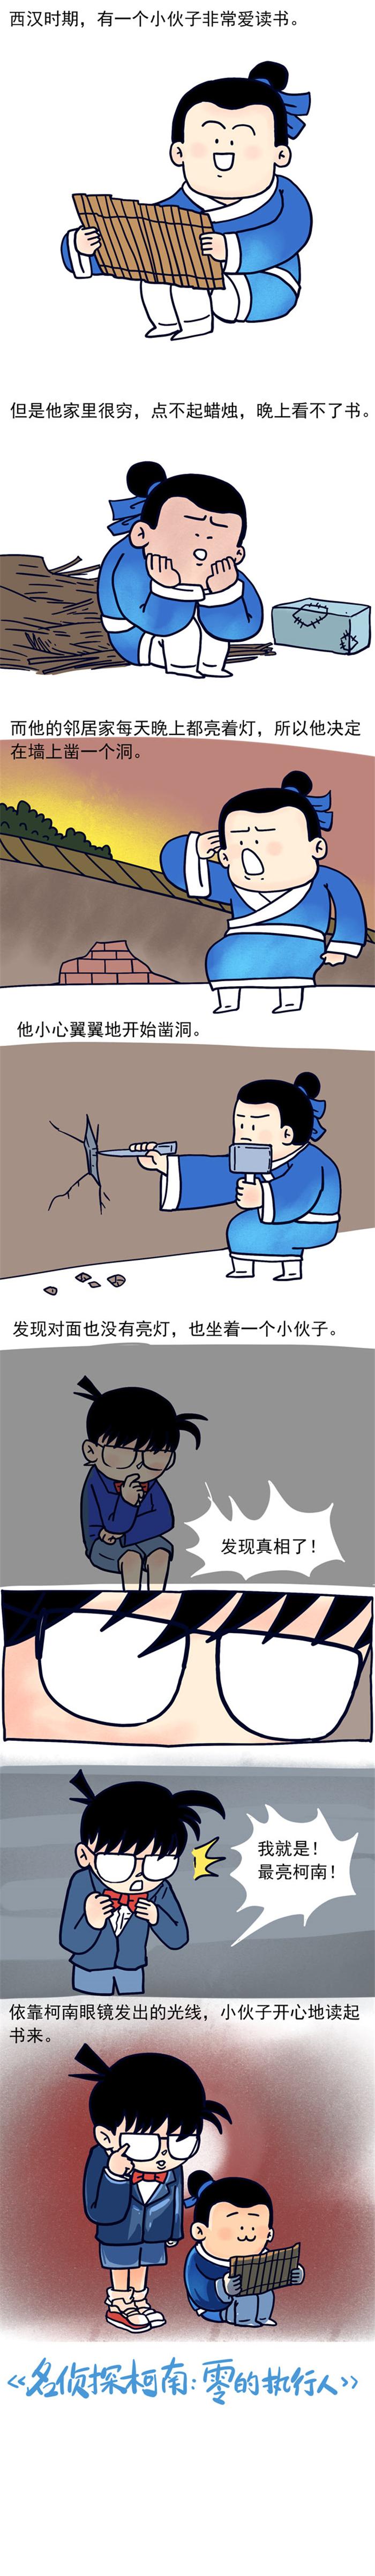 """电影柯南同人海报大赛启动 细数柯南""""最状"""""""